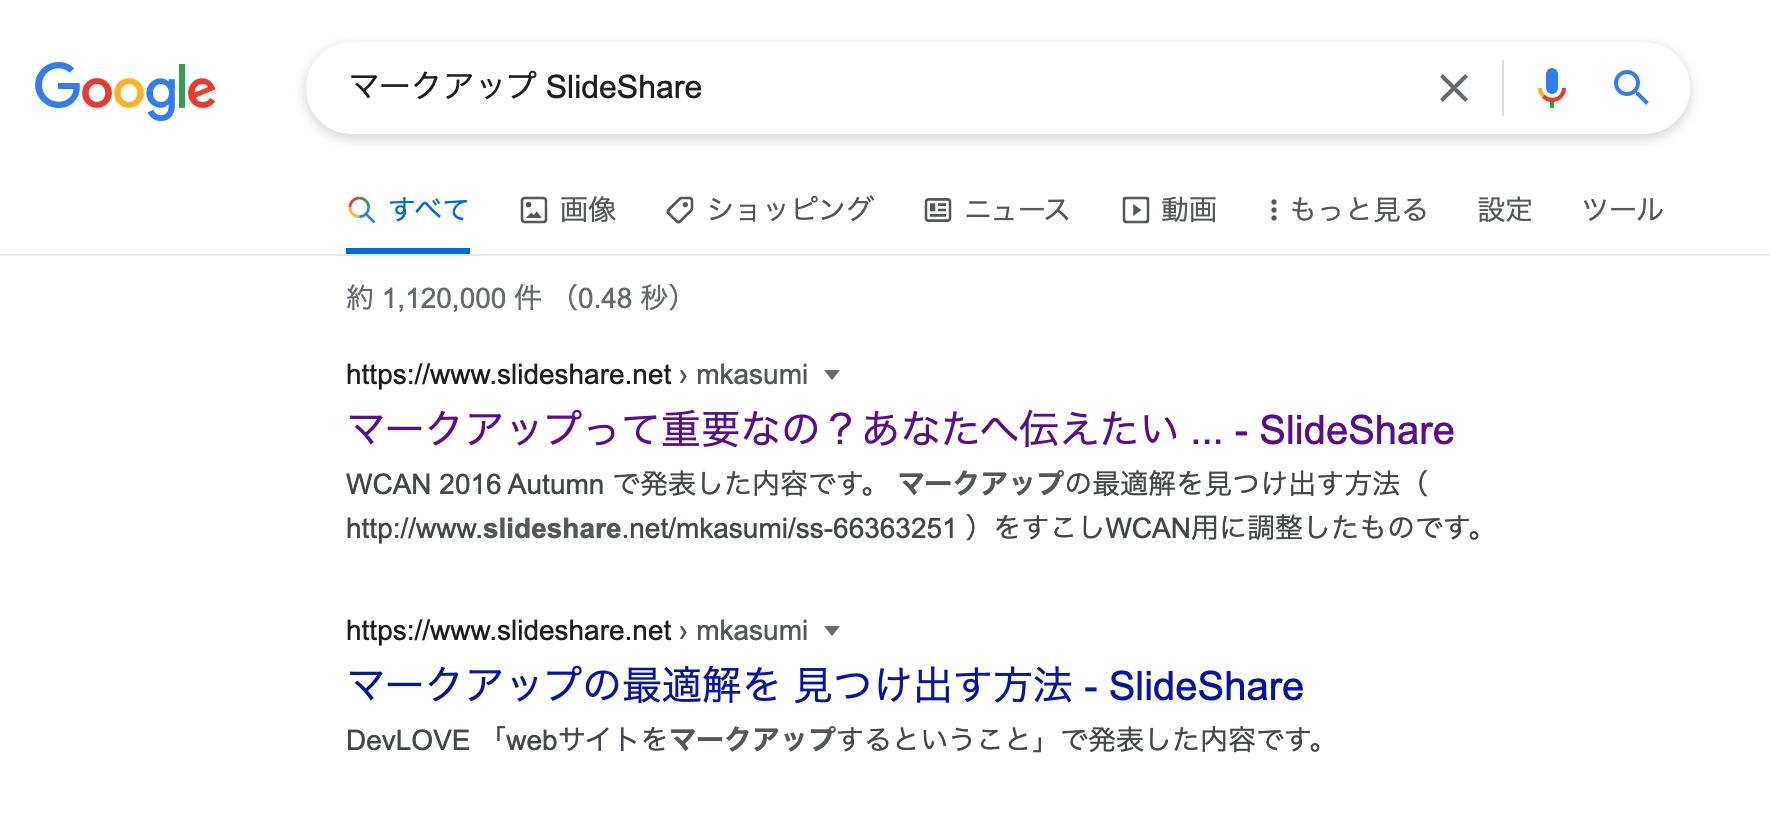 Google検索窓に入力された「スライドシェア検索」の例